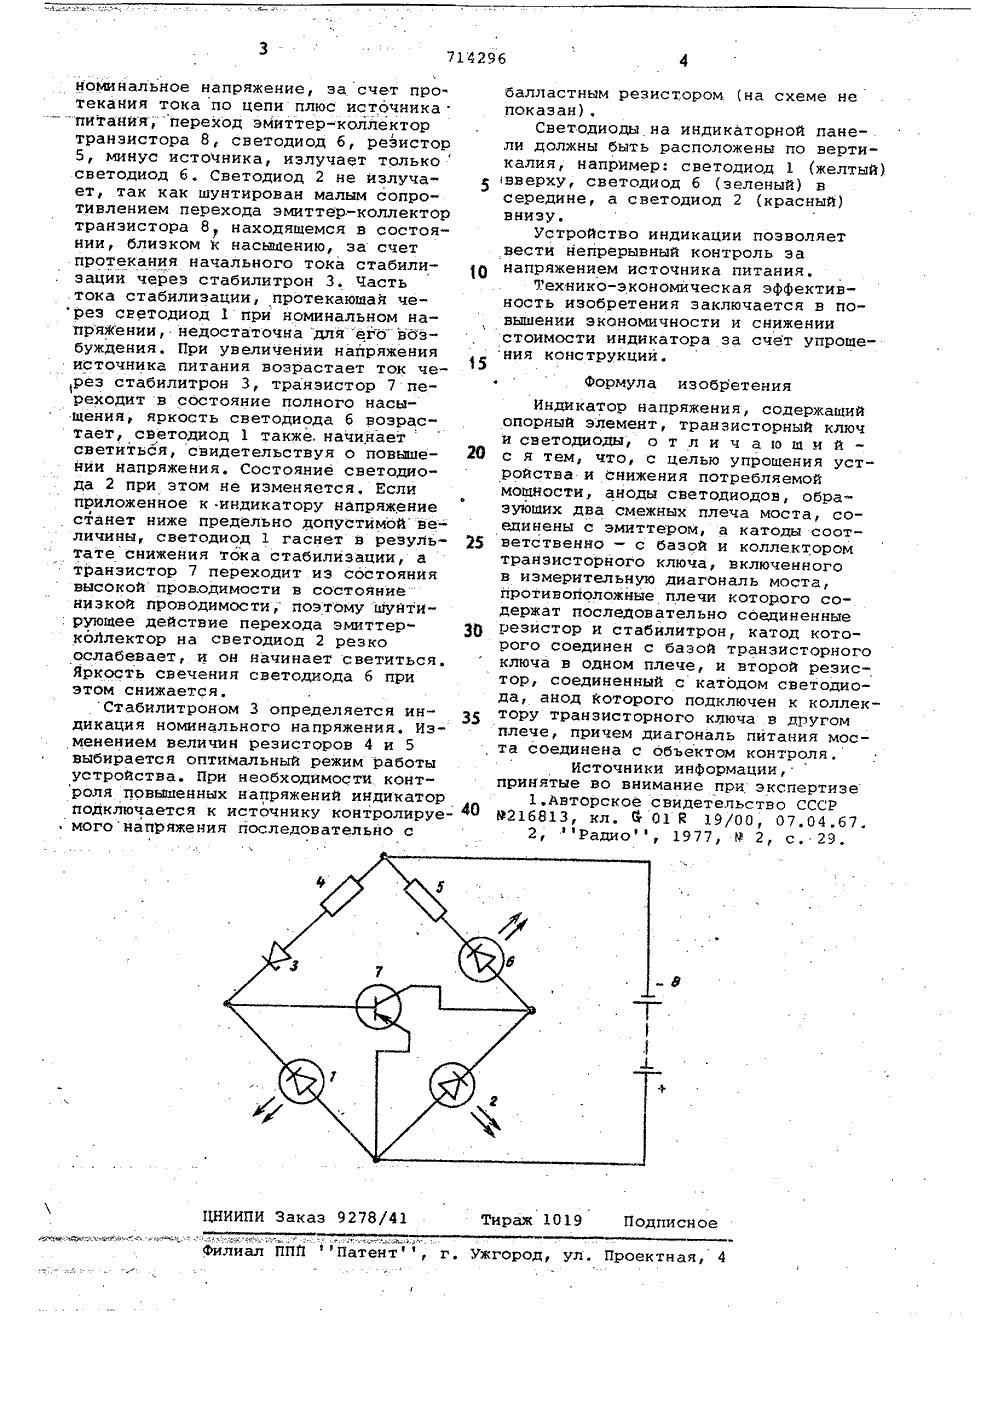 схема диодного индикатора напряжения